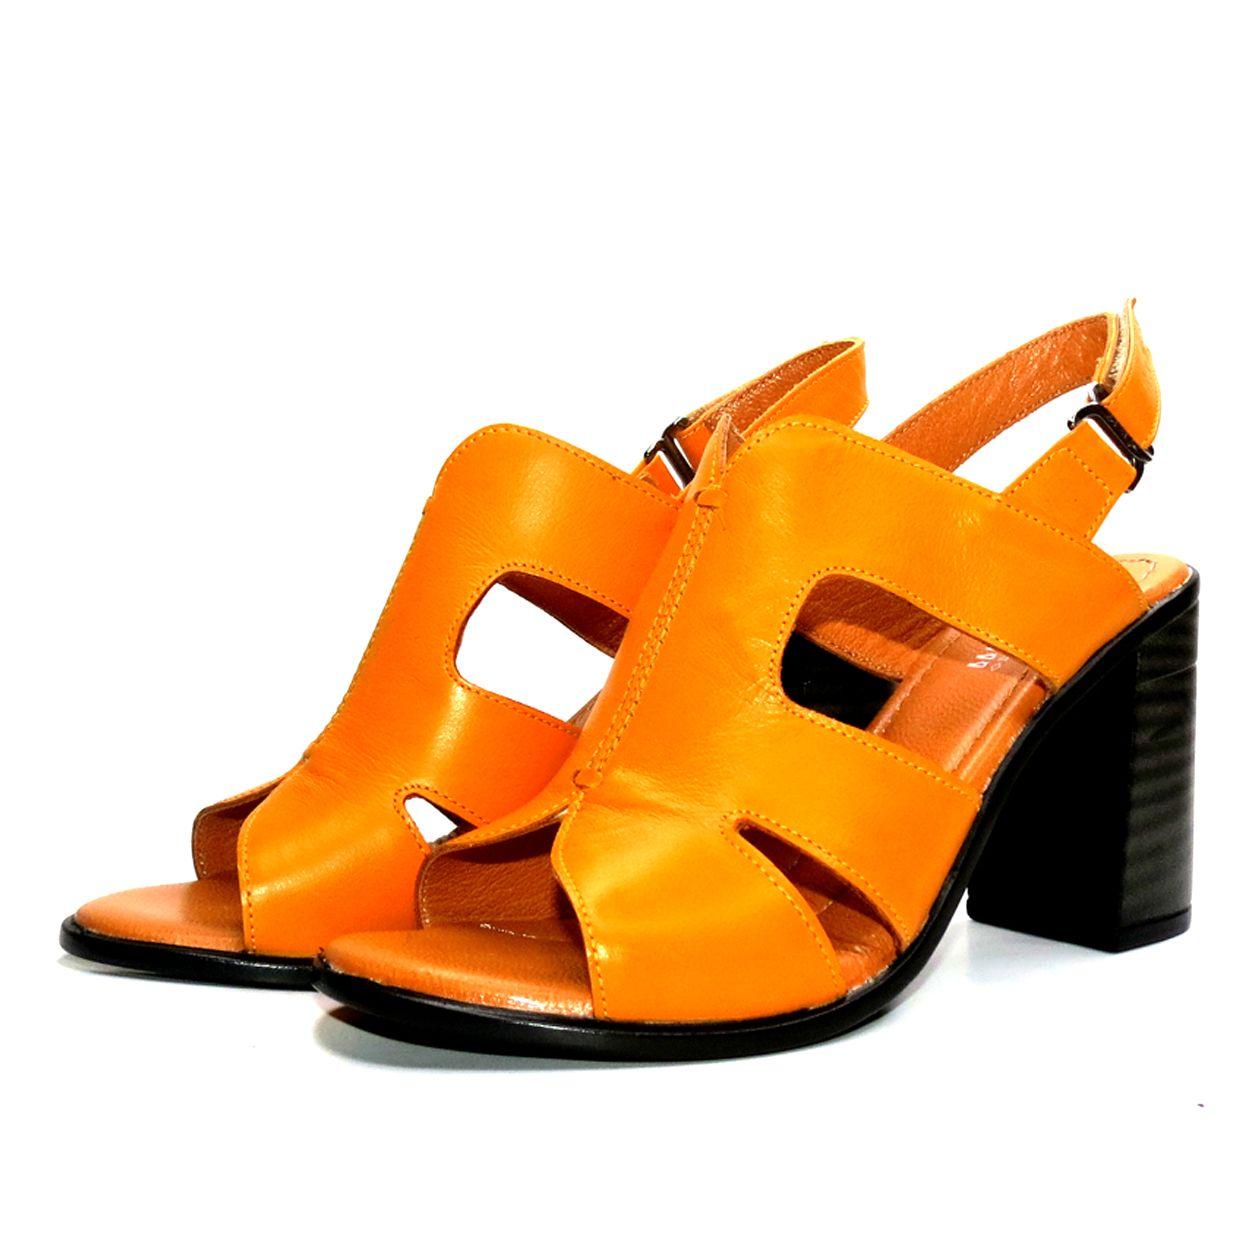 صندل زنانه آر اند دبلیو مدل 654 رنگ پرتقالی -  - 5